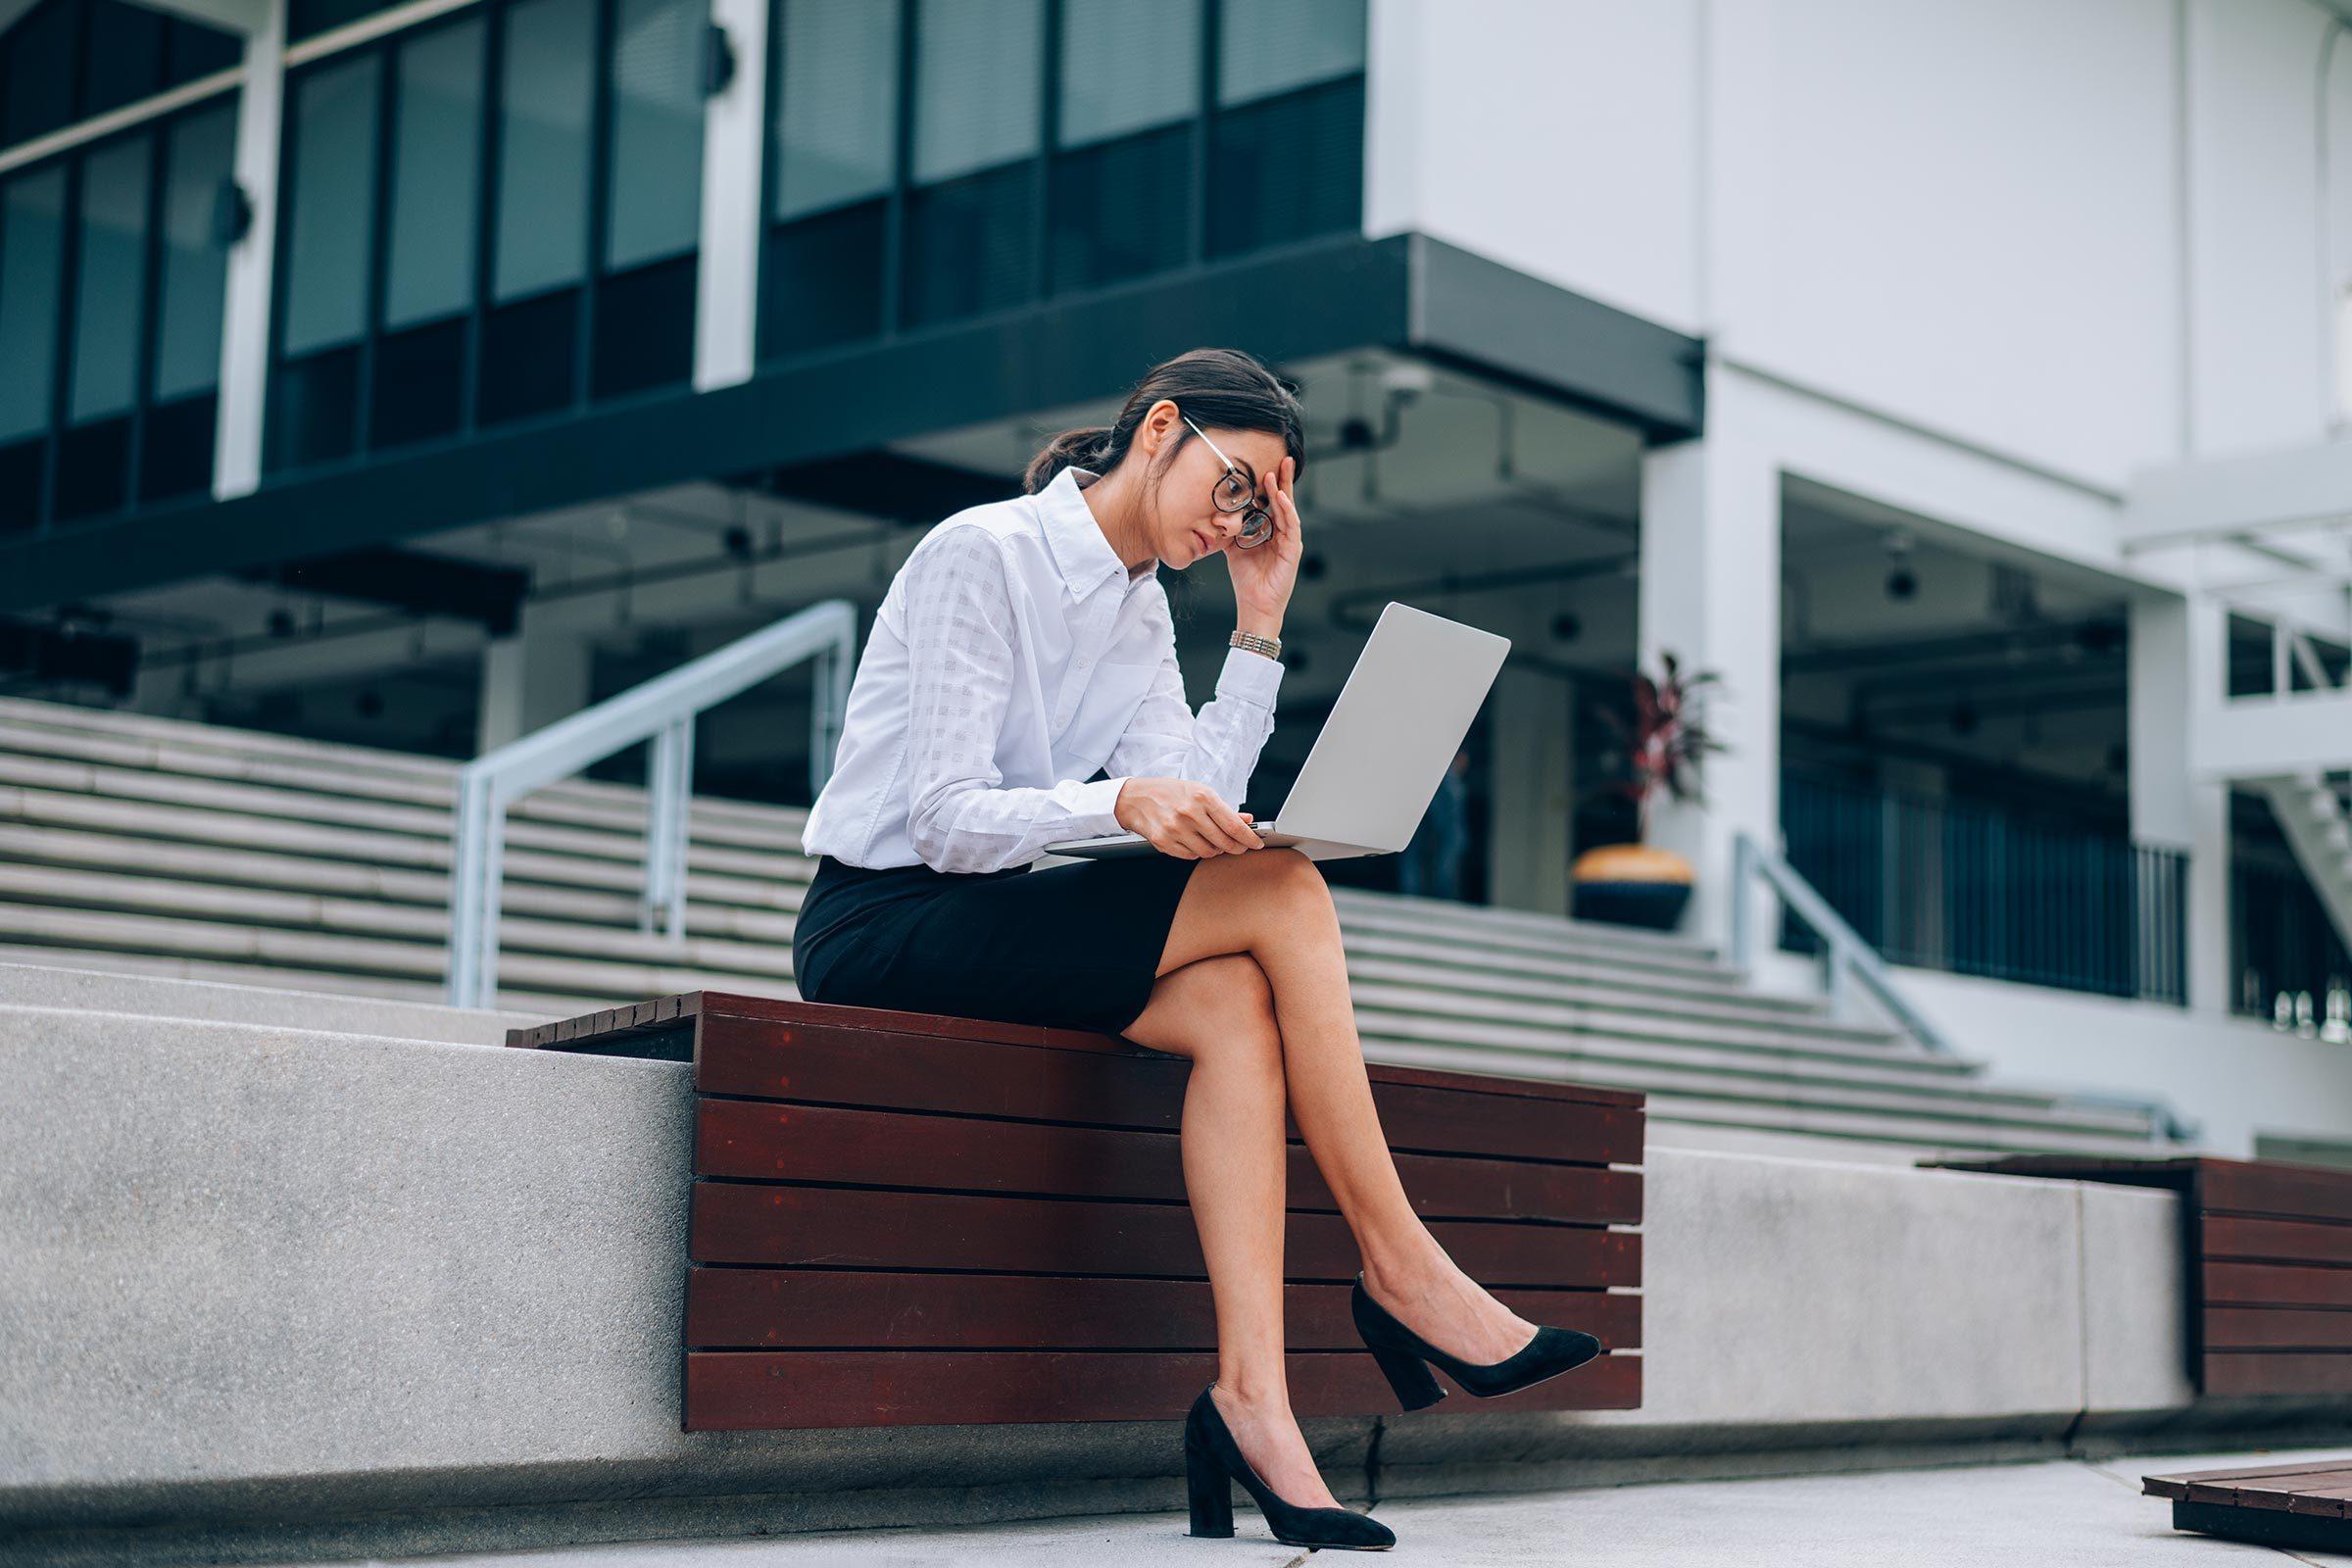 woman laptop work